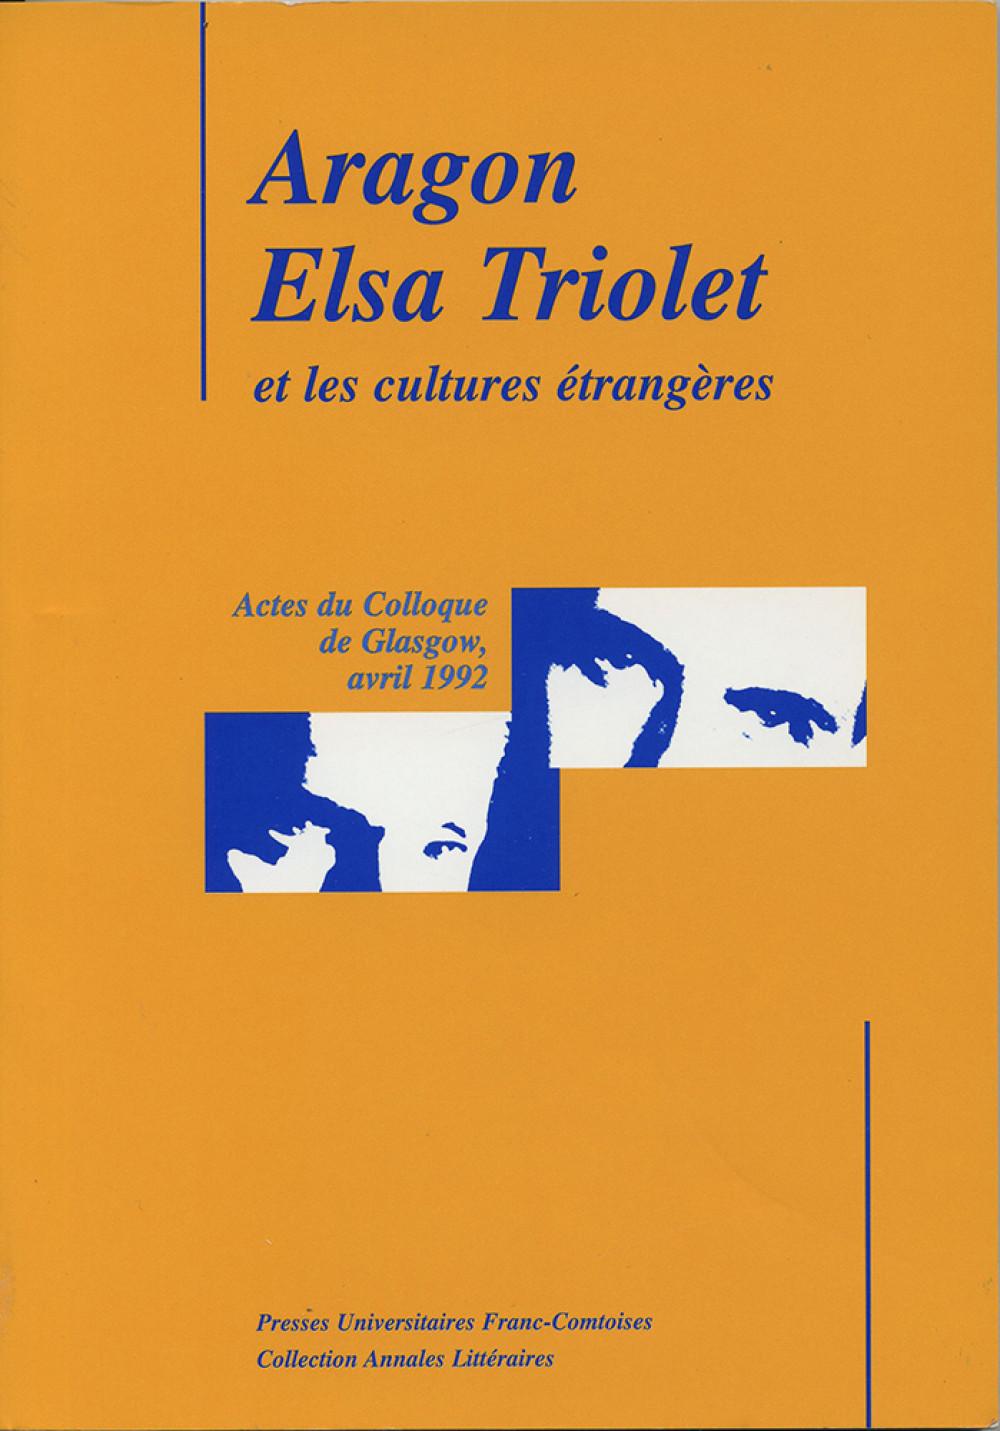 Aragon, Elsa Triolet et les cultures étrangères